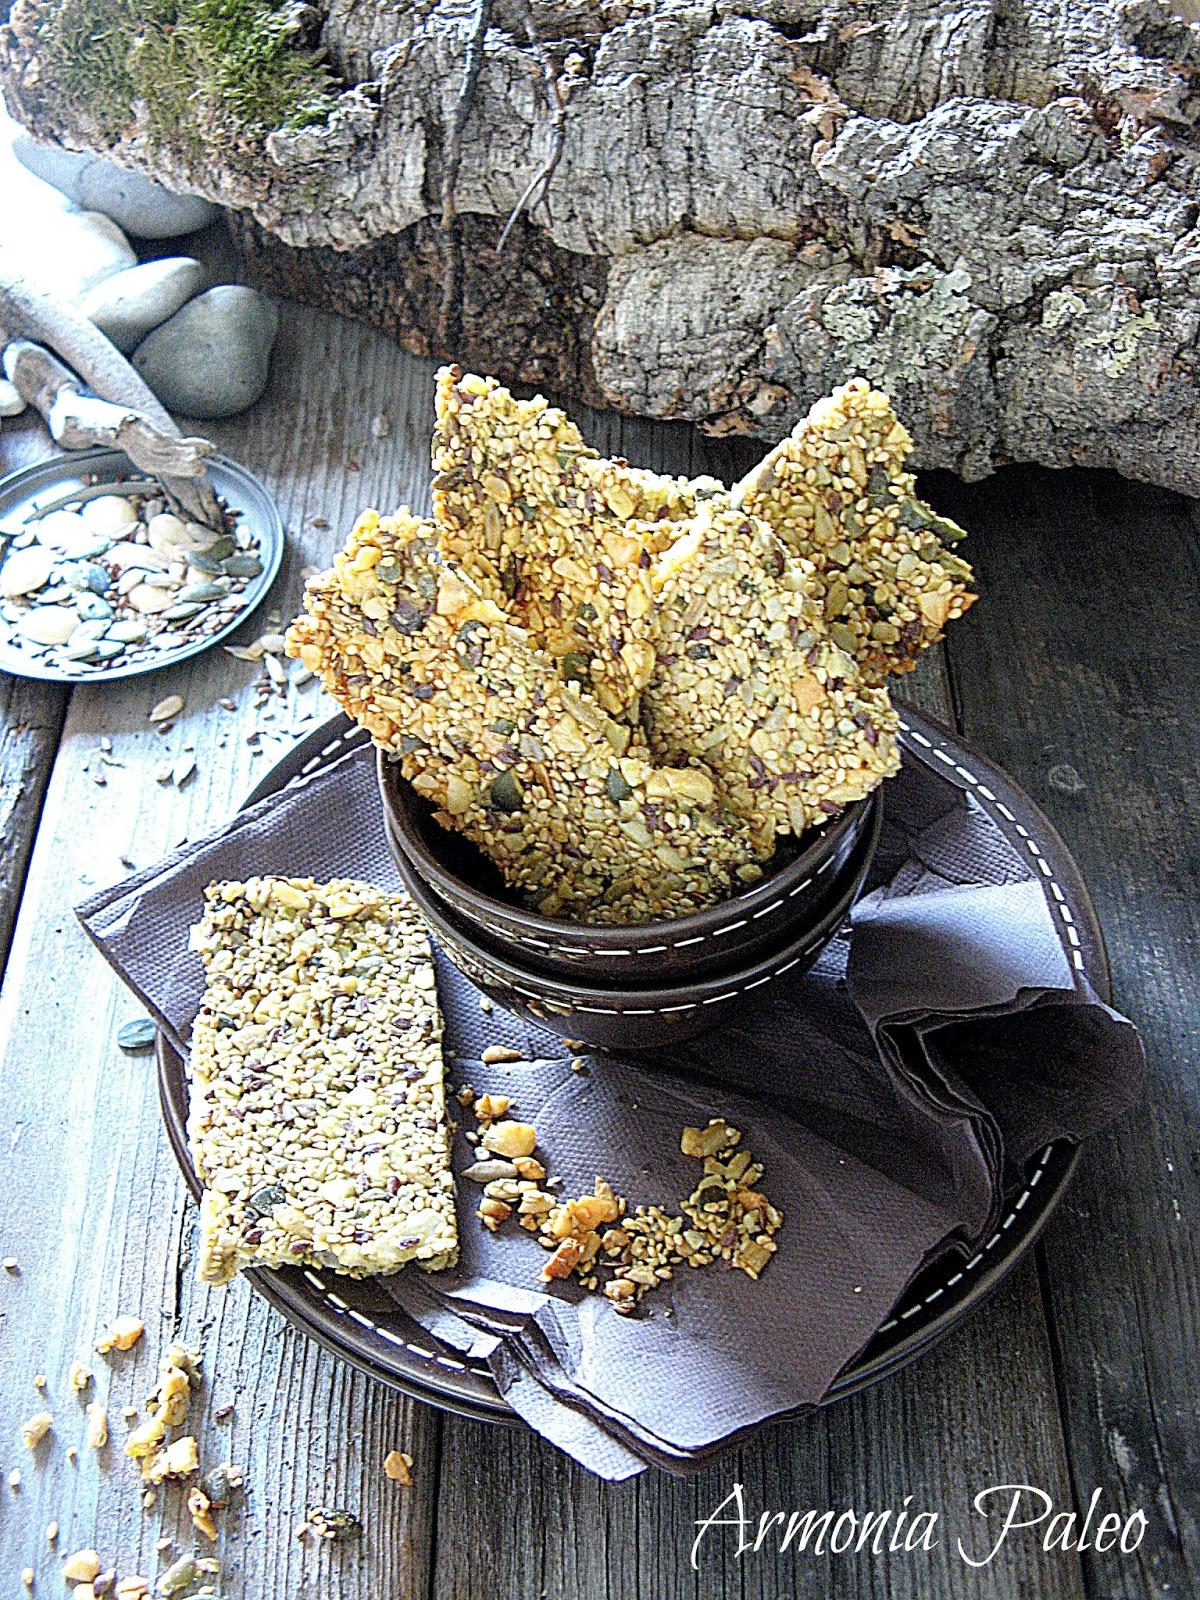 knäckebröd - paleo pane croccante svedese